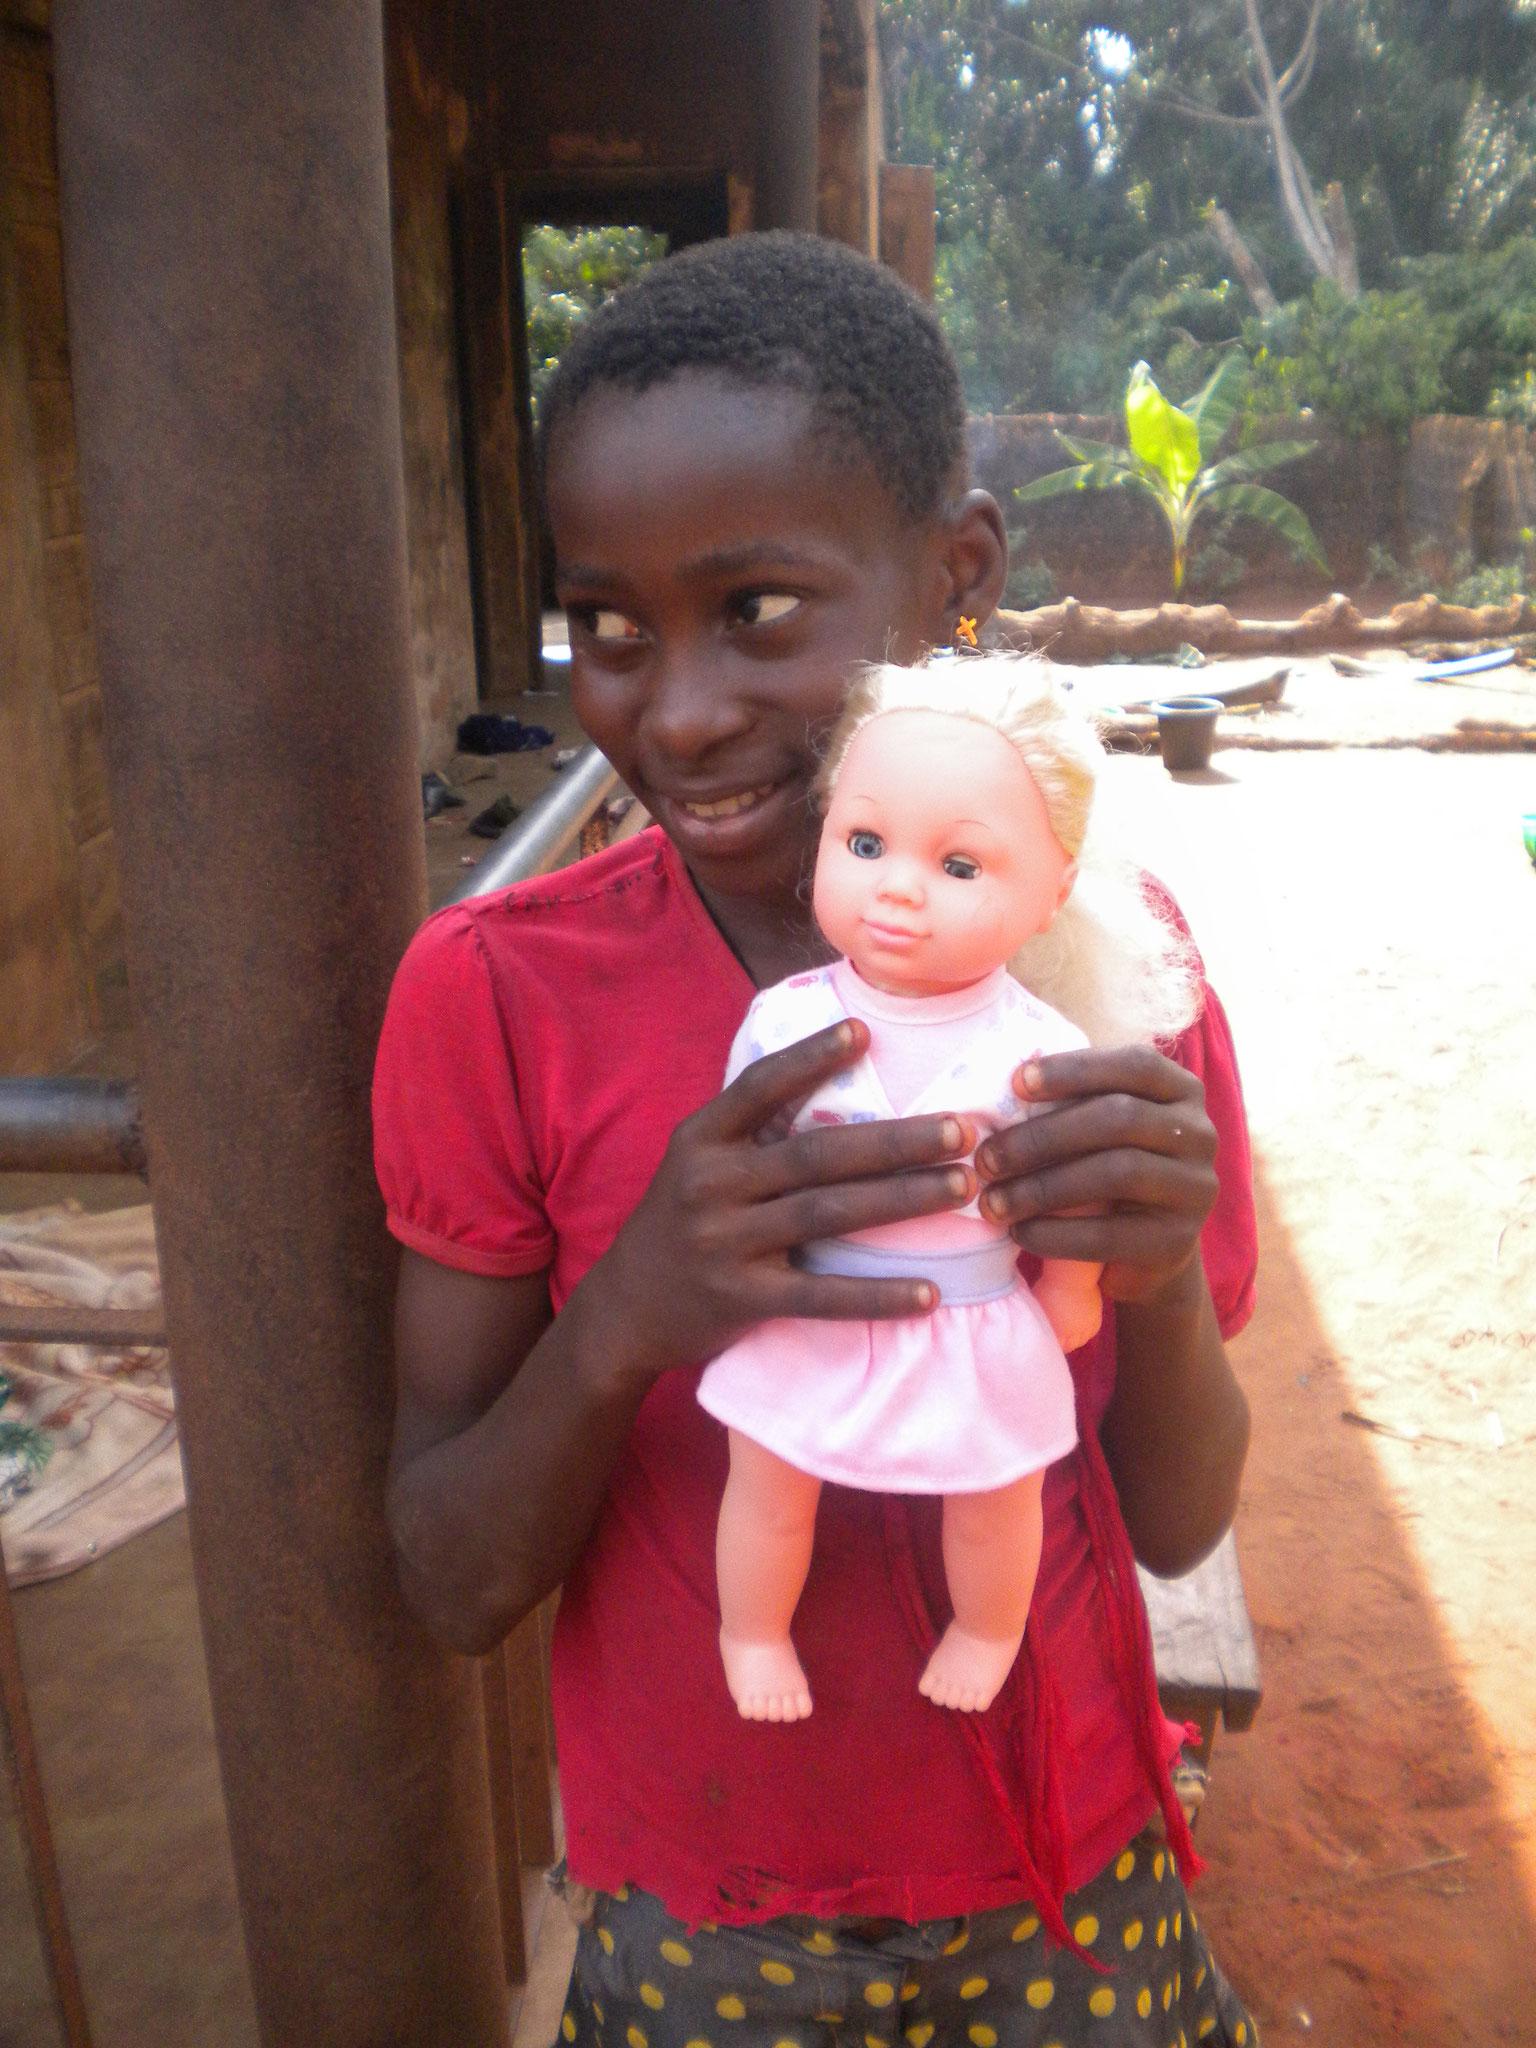 jedes Mädchen wünscht sich eine Puppe